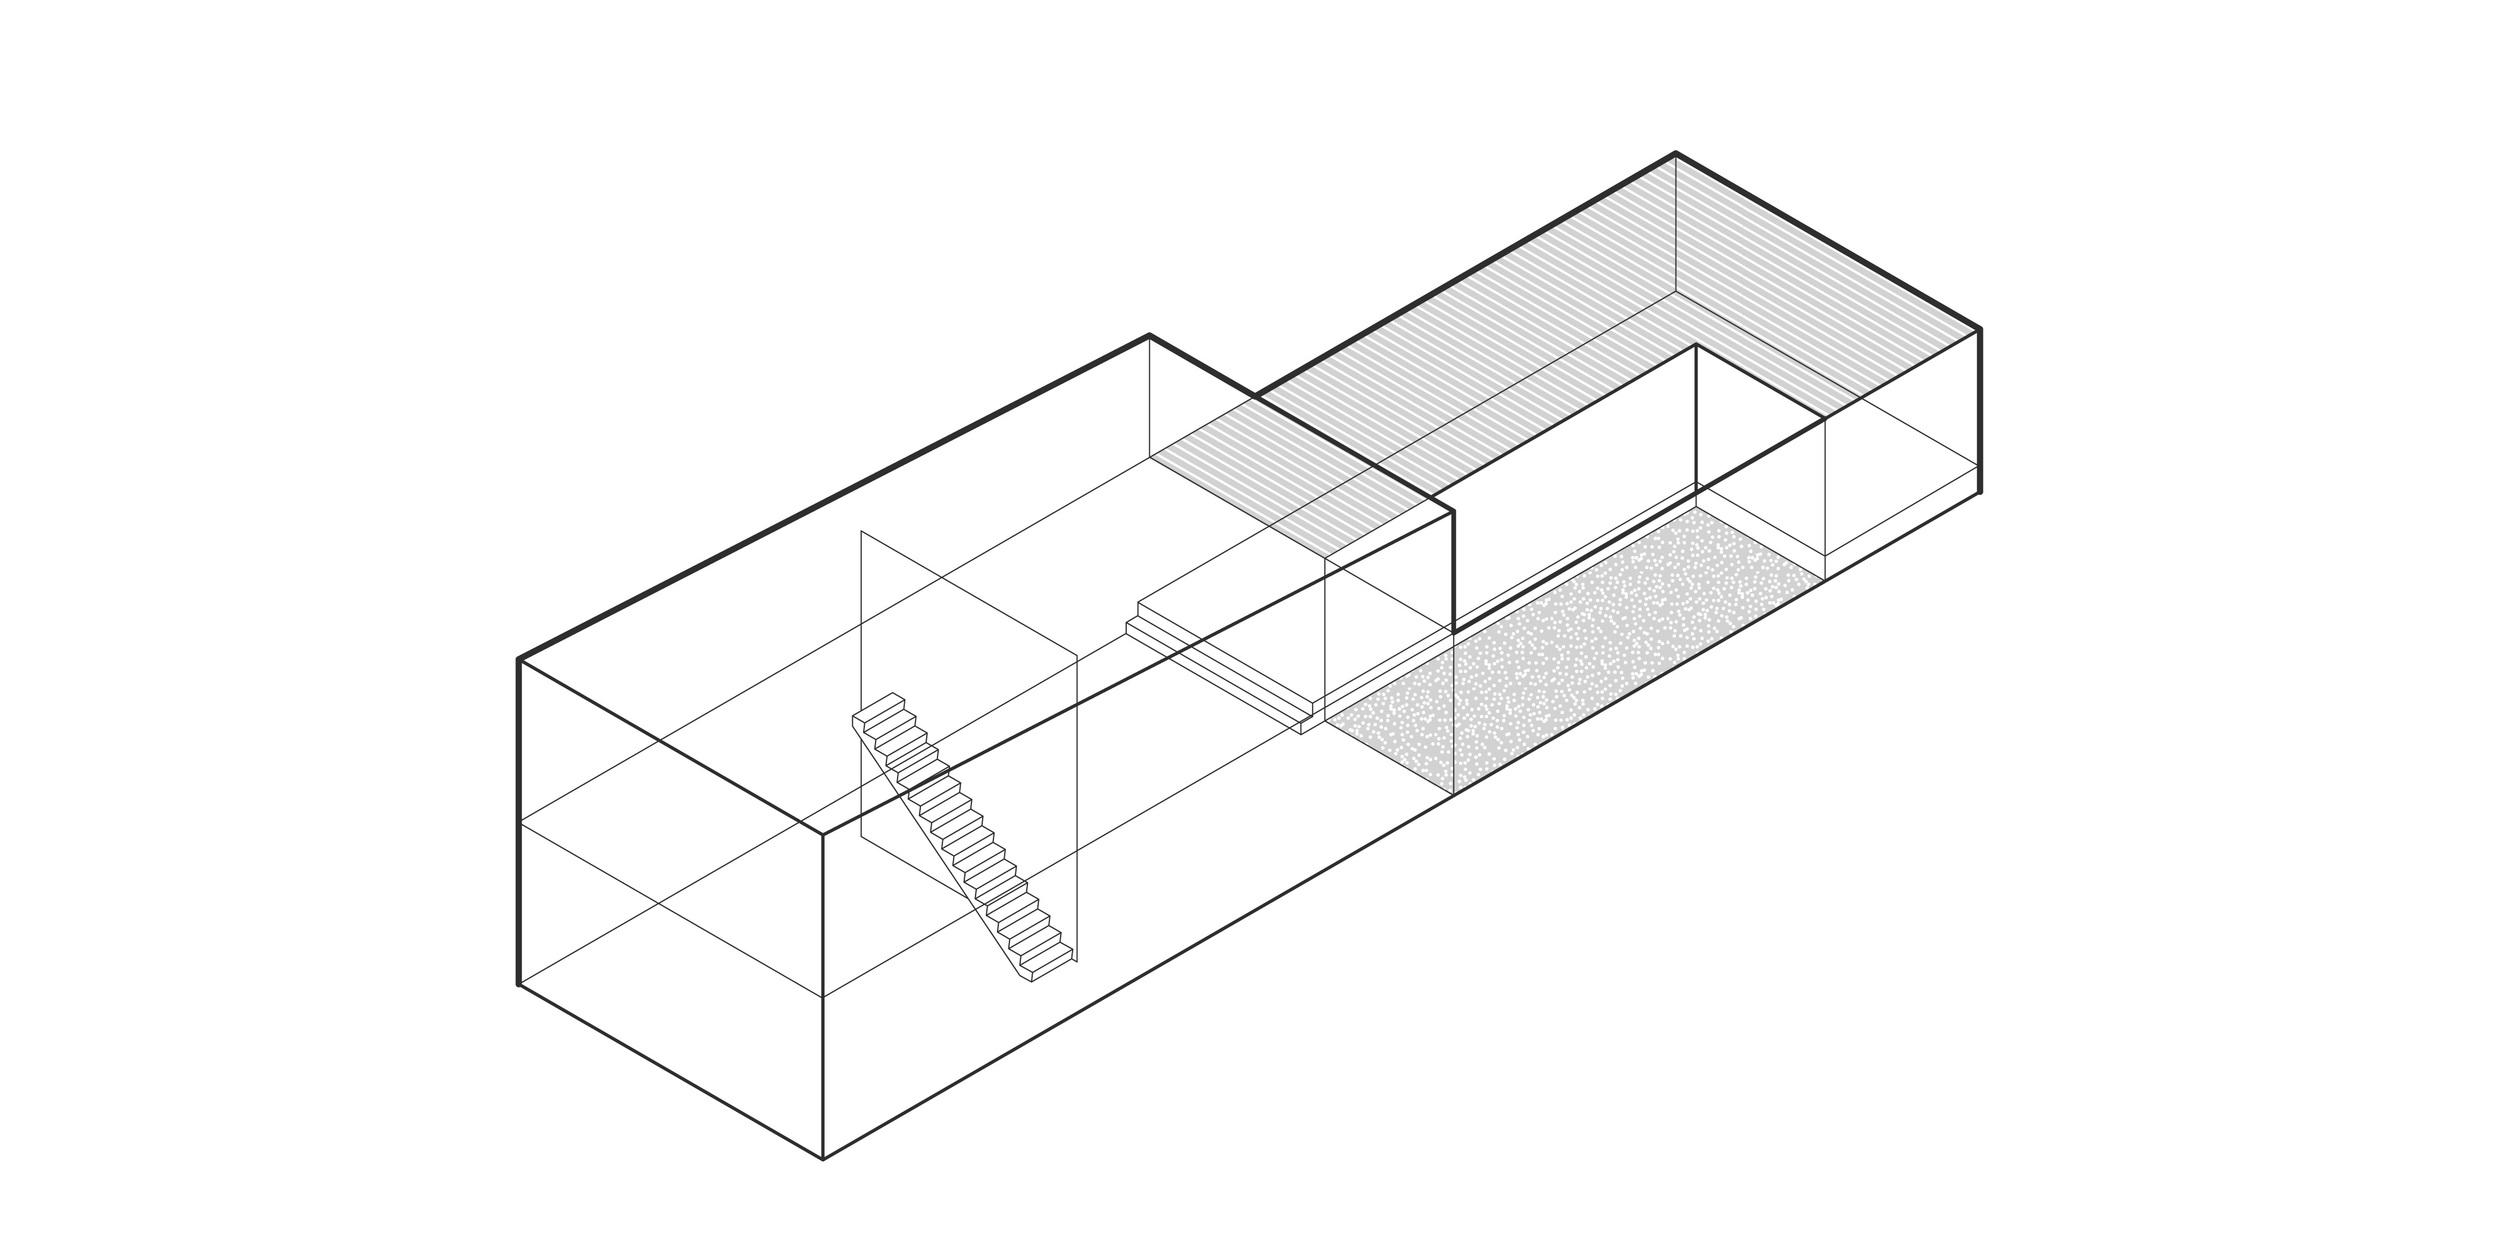 307_3rd-SD-160413-Diagram-08-01.jpg